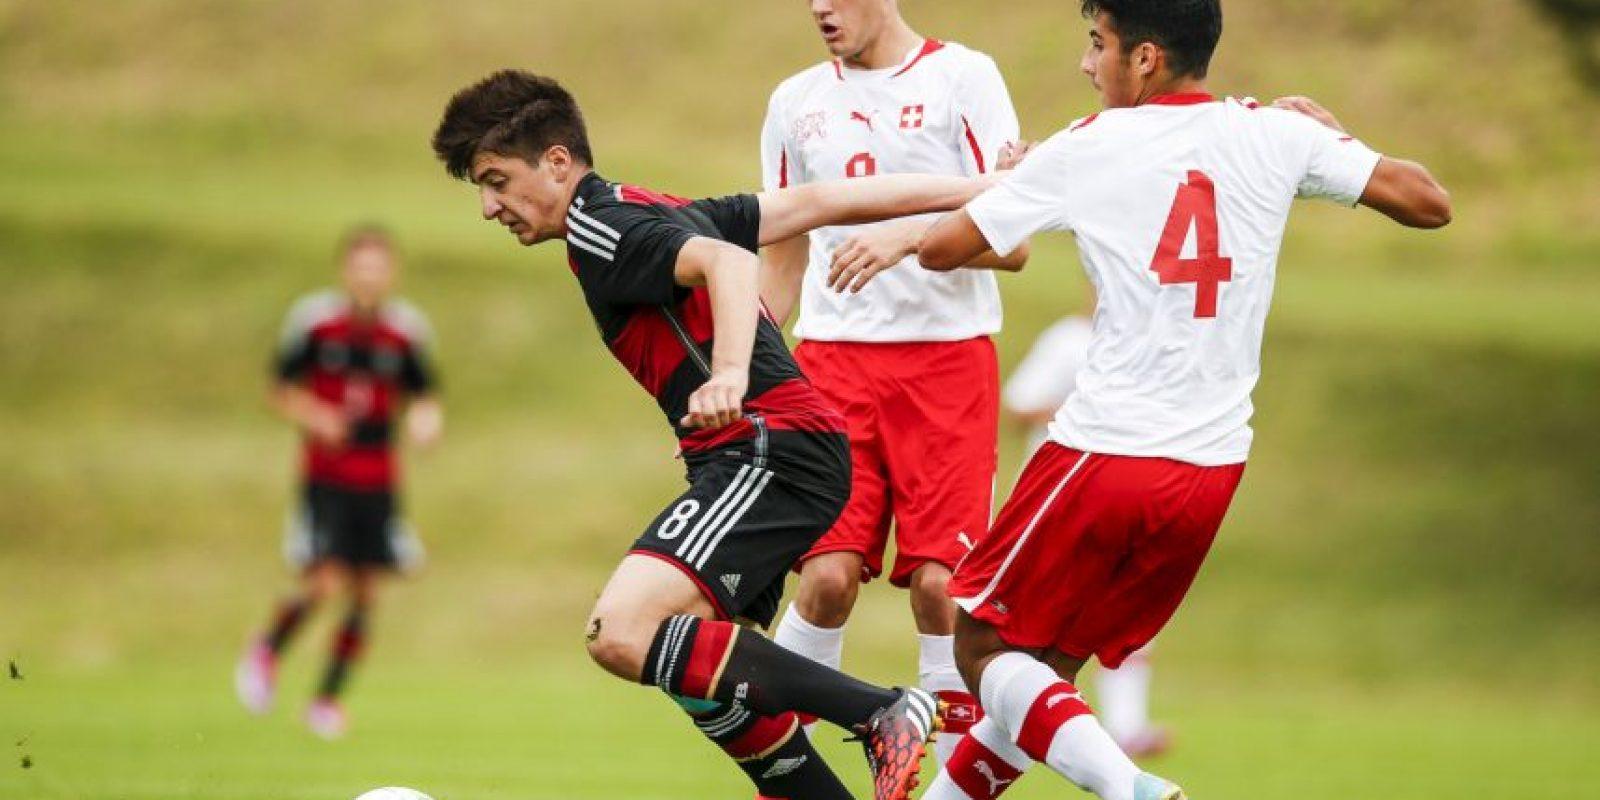 31. Georgios Spanoukis. El alemán de 15 años era pretendido por el Arsenal, pero defiende los colores del Stuttgart Foto:Getty